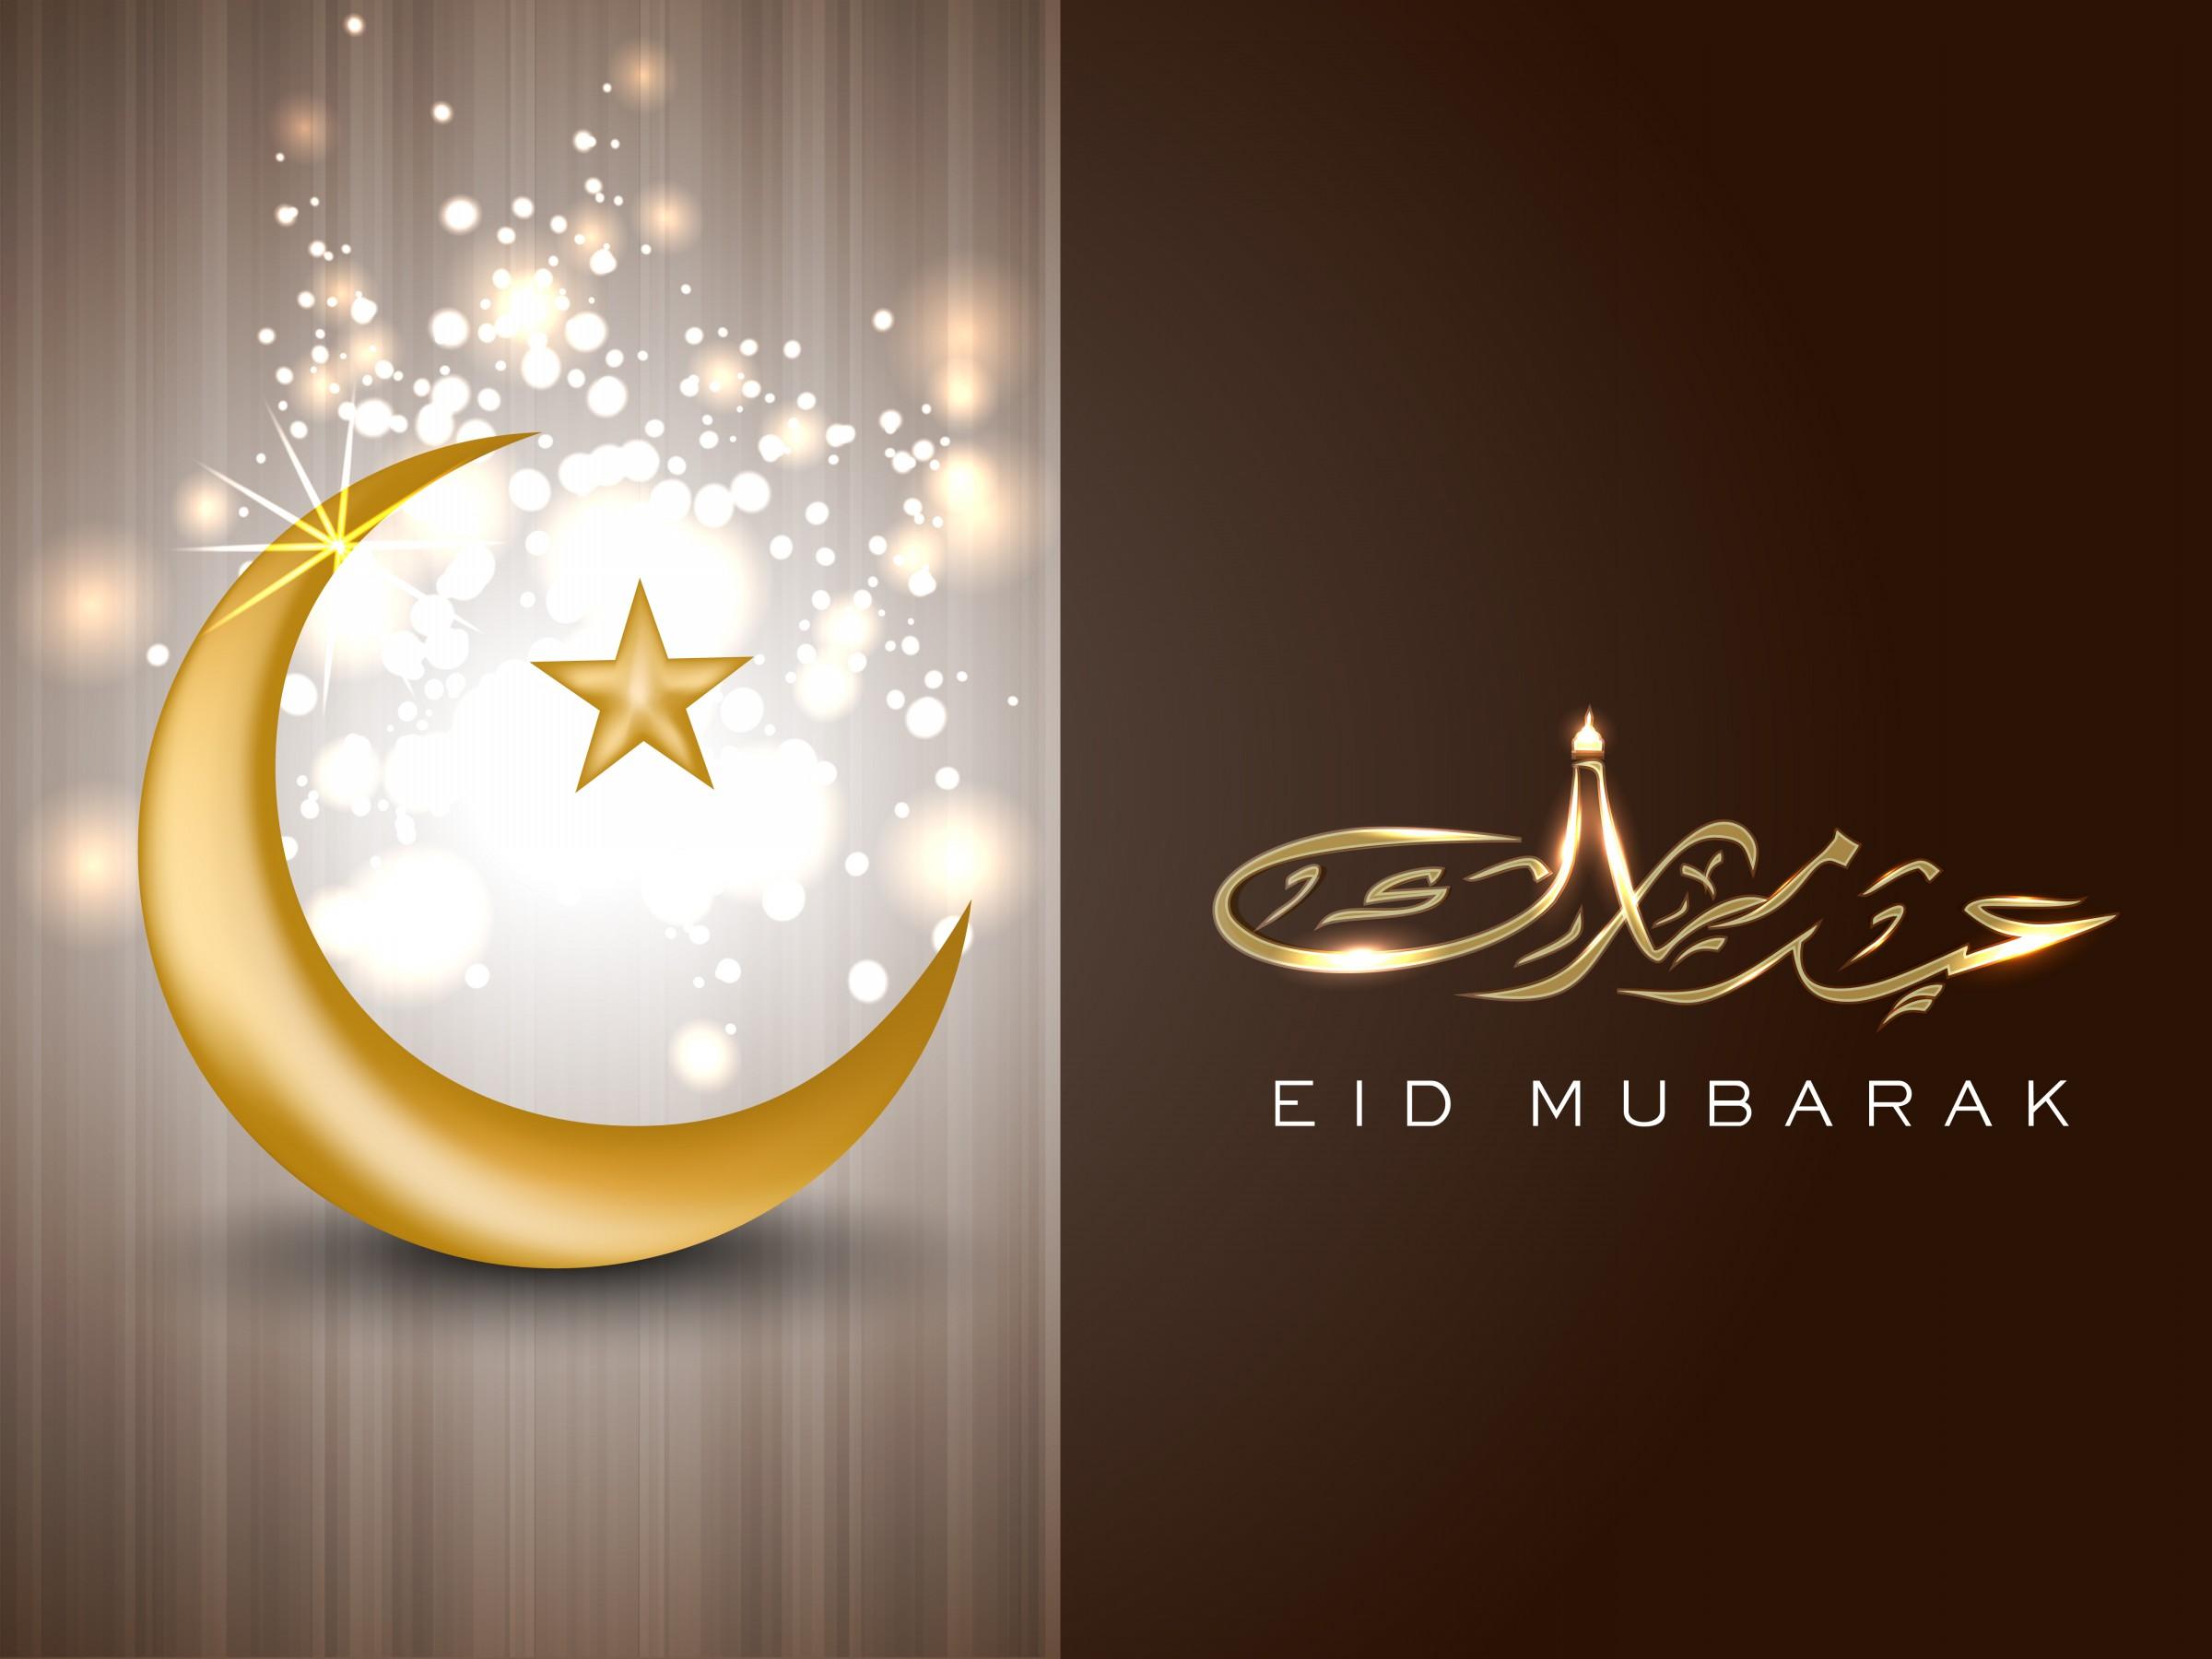 Eid-al-adha-designs-5